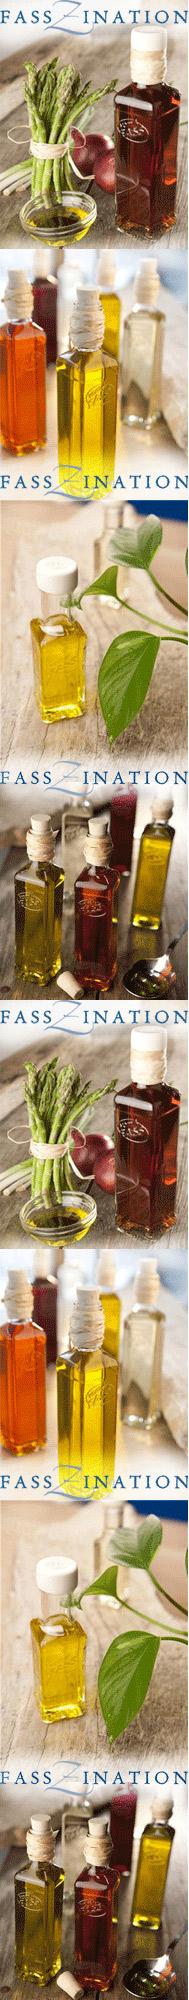 FassZination-Produkte